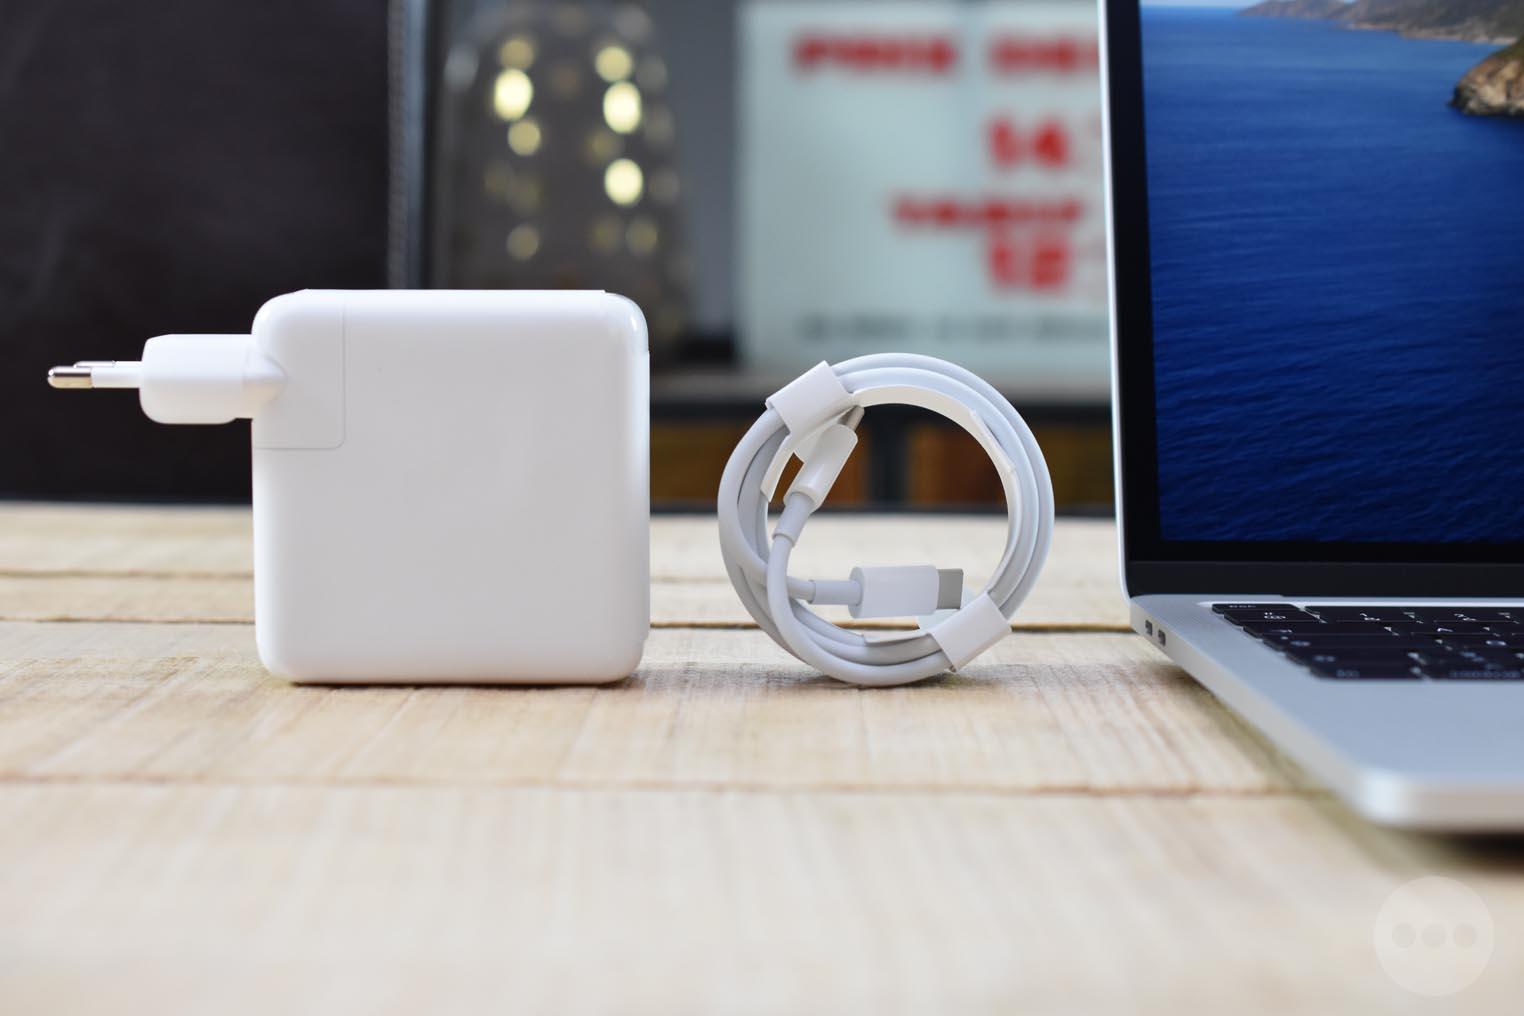 MacBook Pro 13 pouces 2020 chargeur USB-C